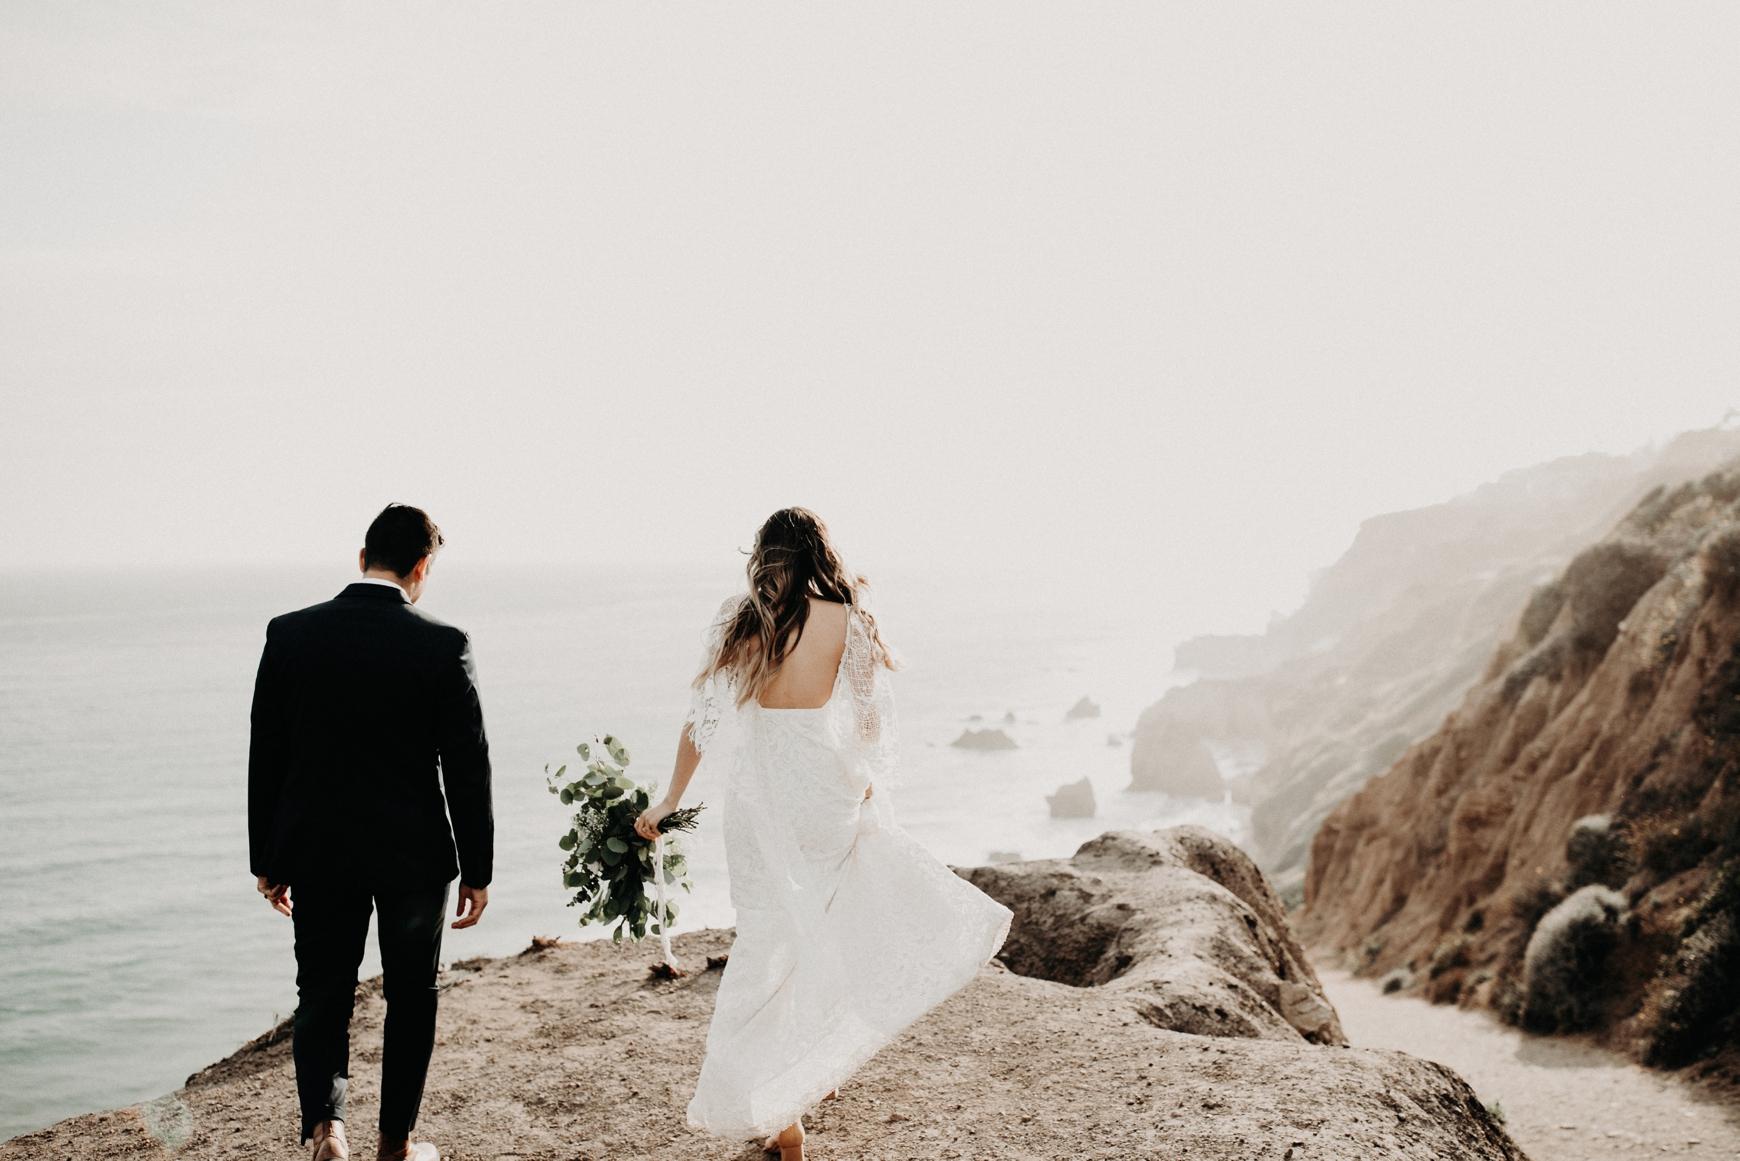 El Matador Beach Bridal Portraits Justellen & TJ Emily Magers Photography-100Emily Magers Photography.jpg